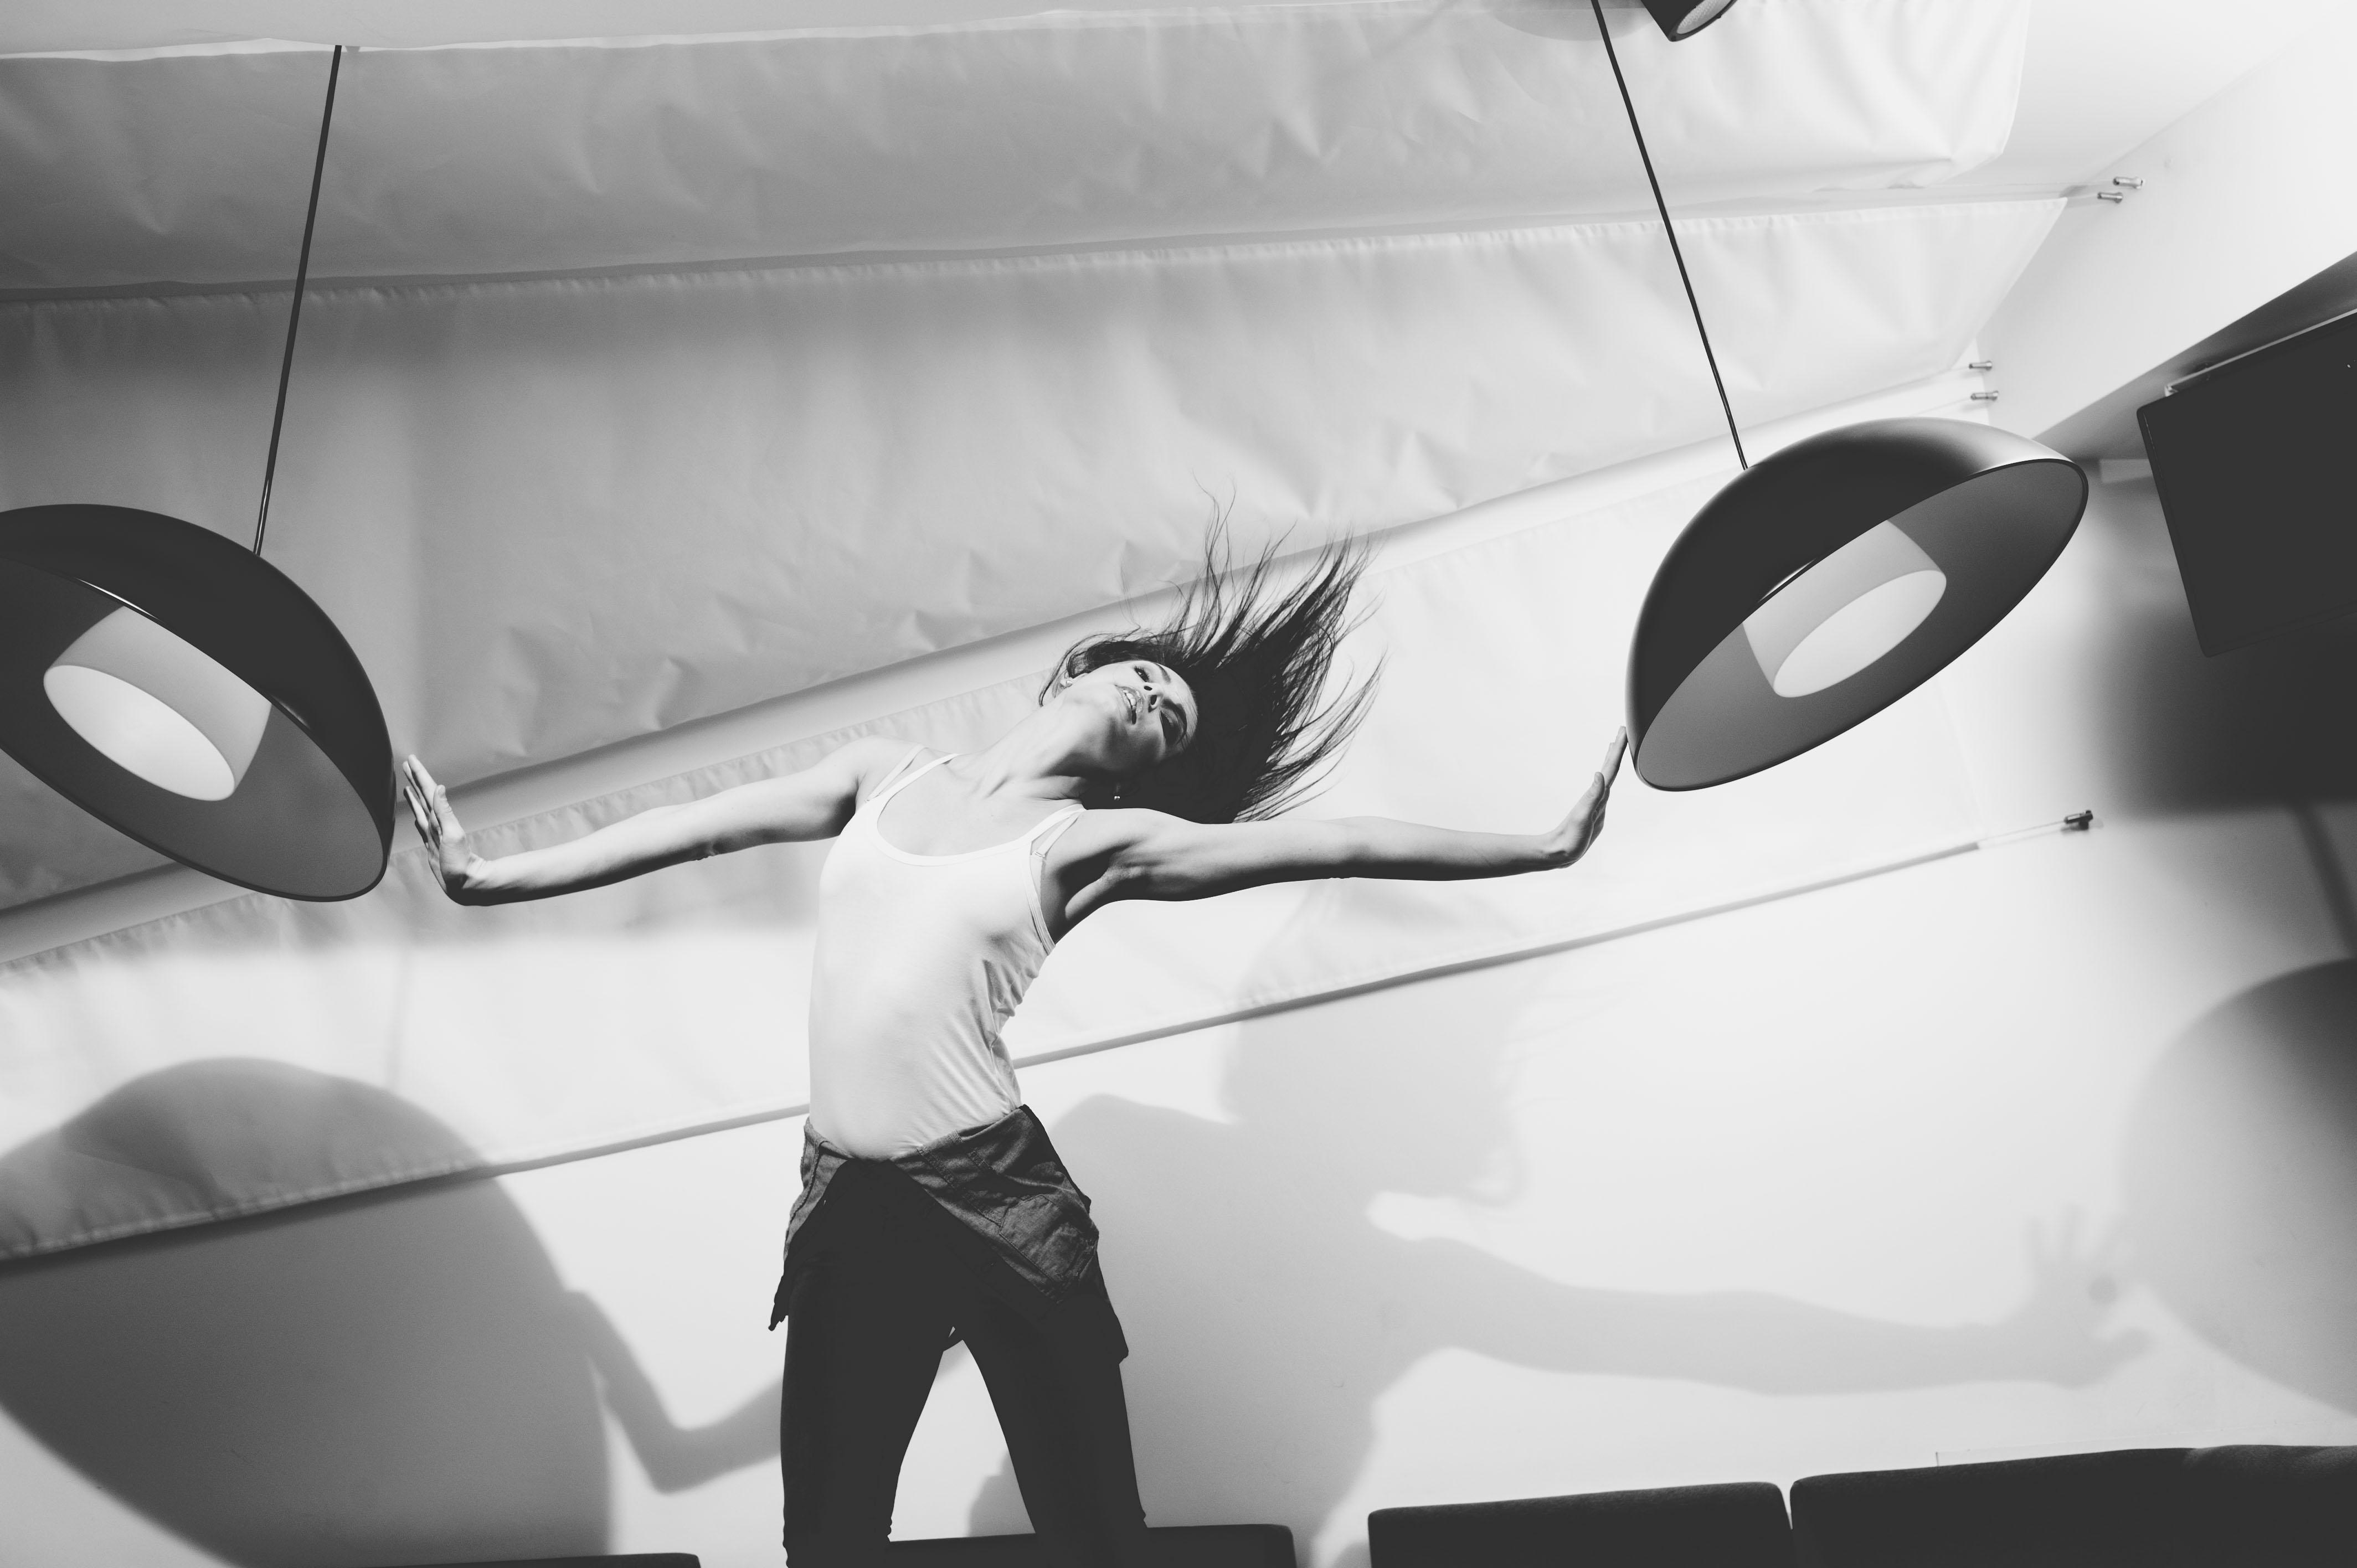 Gambar Orang Cahaya Hitam Dan Putih Gadis Wanita Mobil